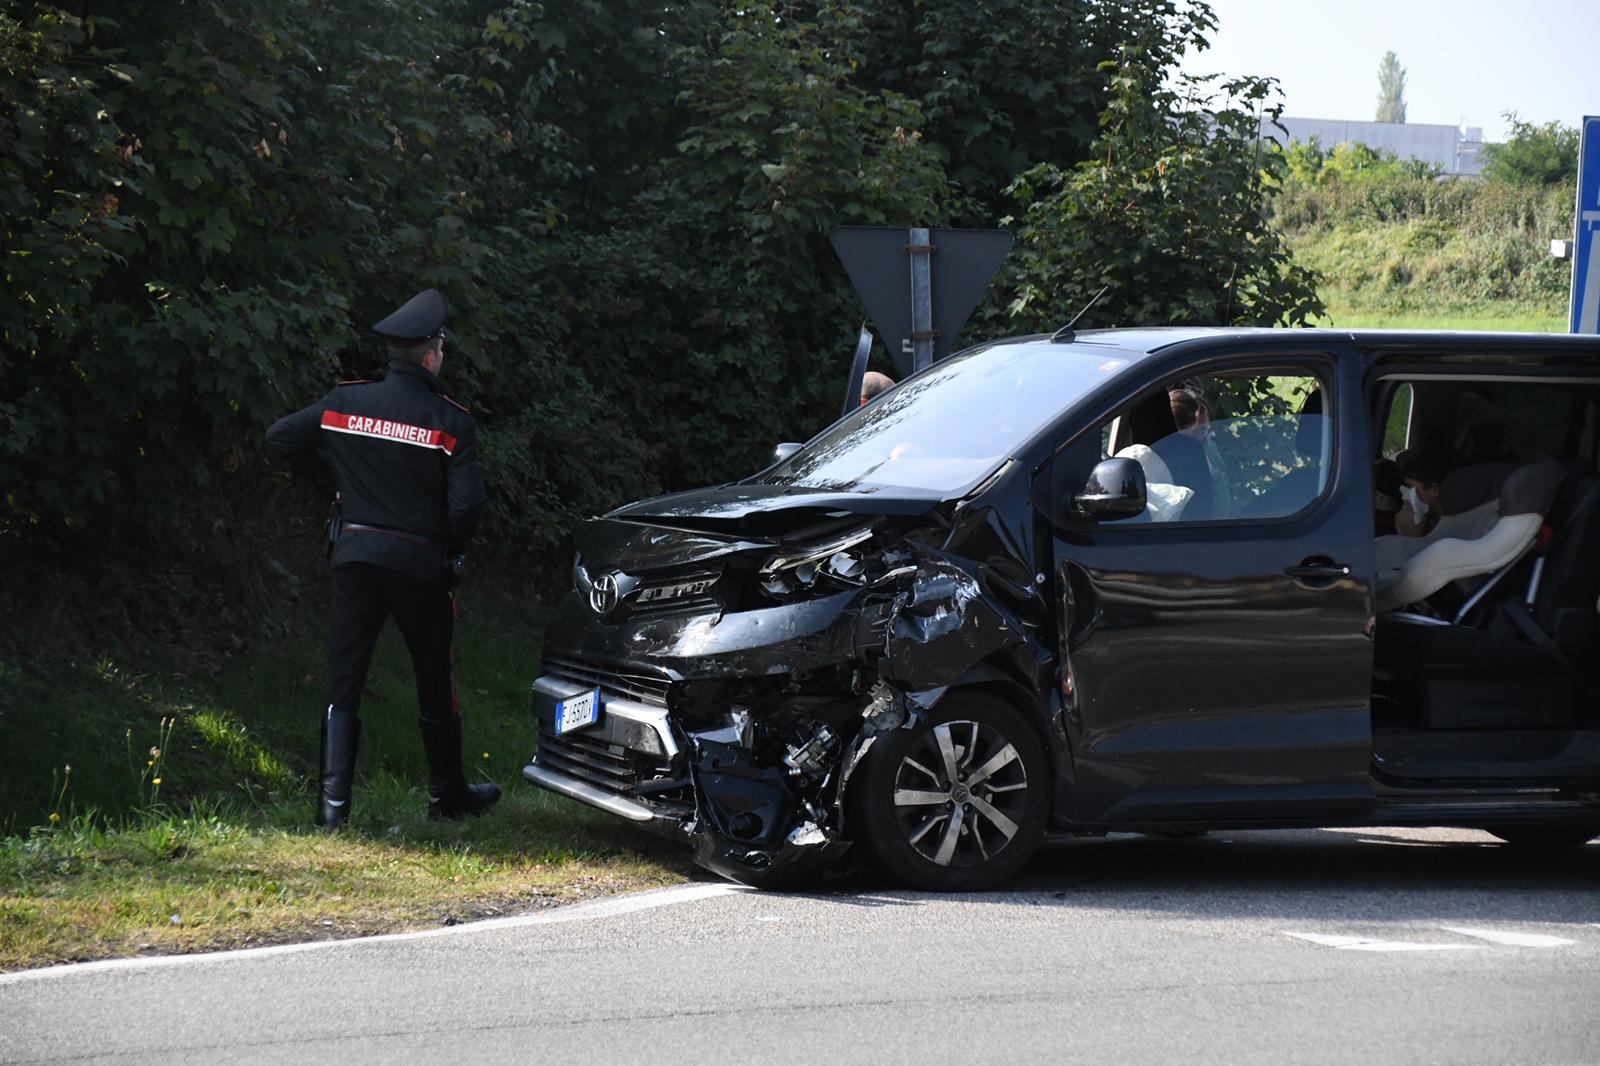 Violento scontro tra due auto a Verano FOTO e VIDEO